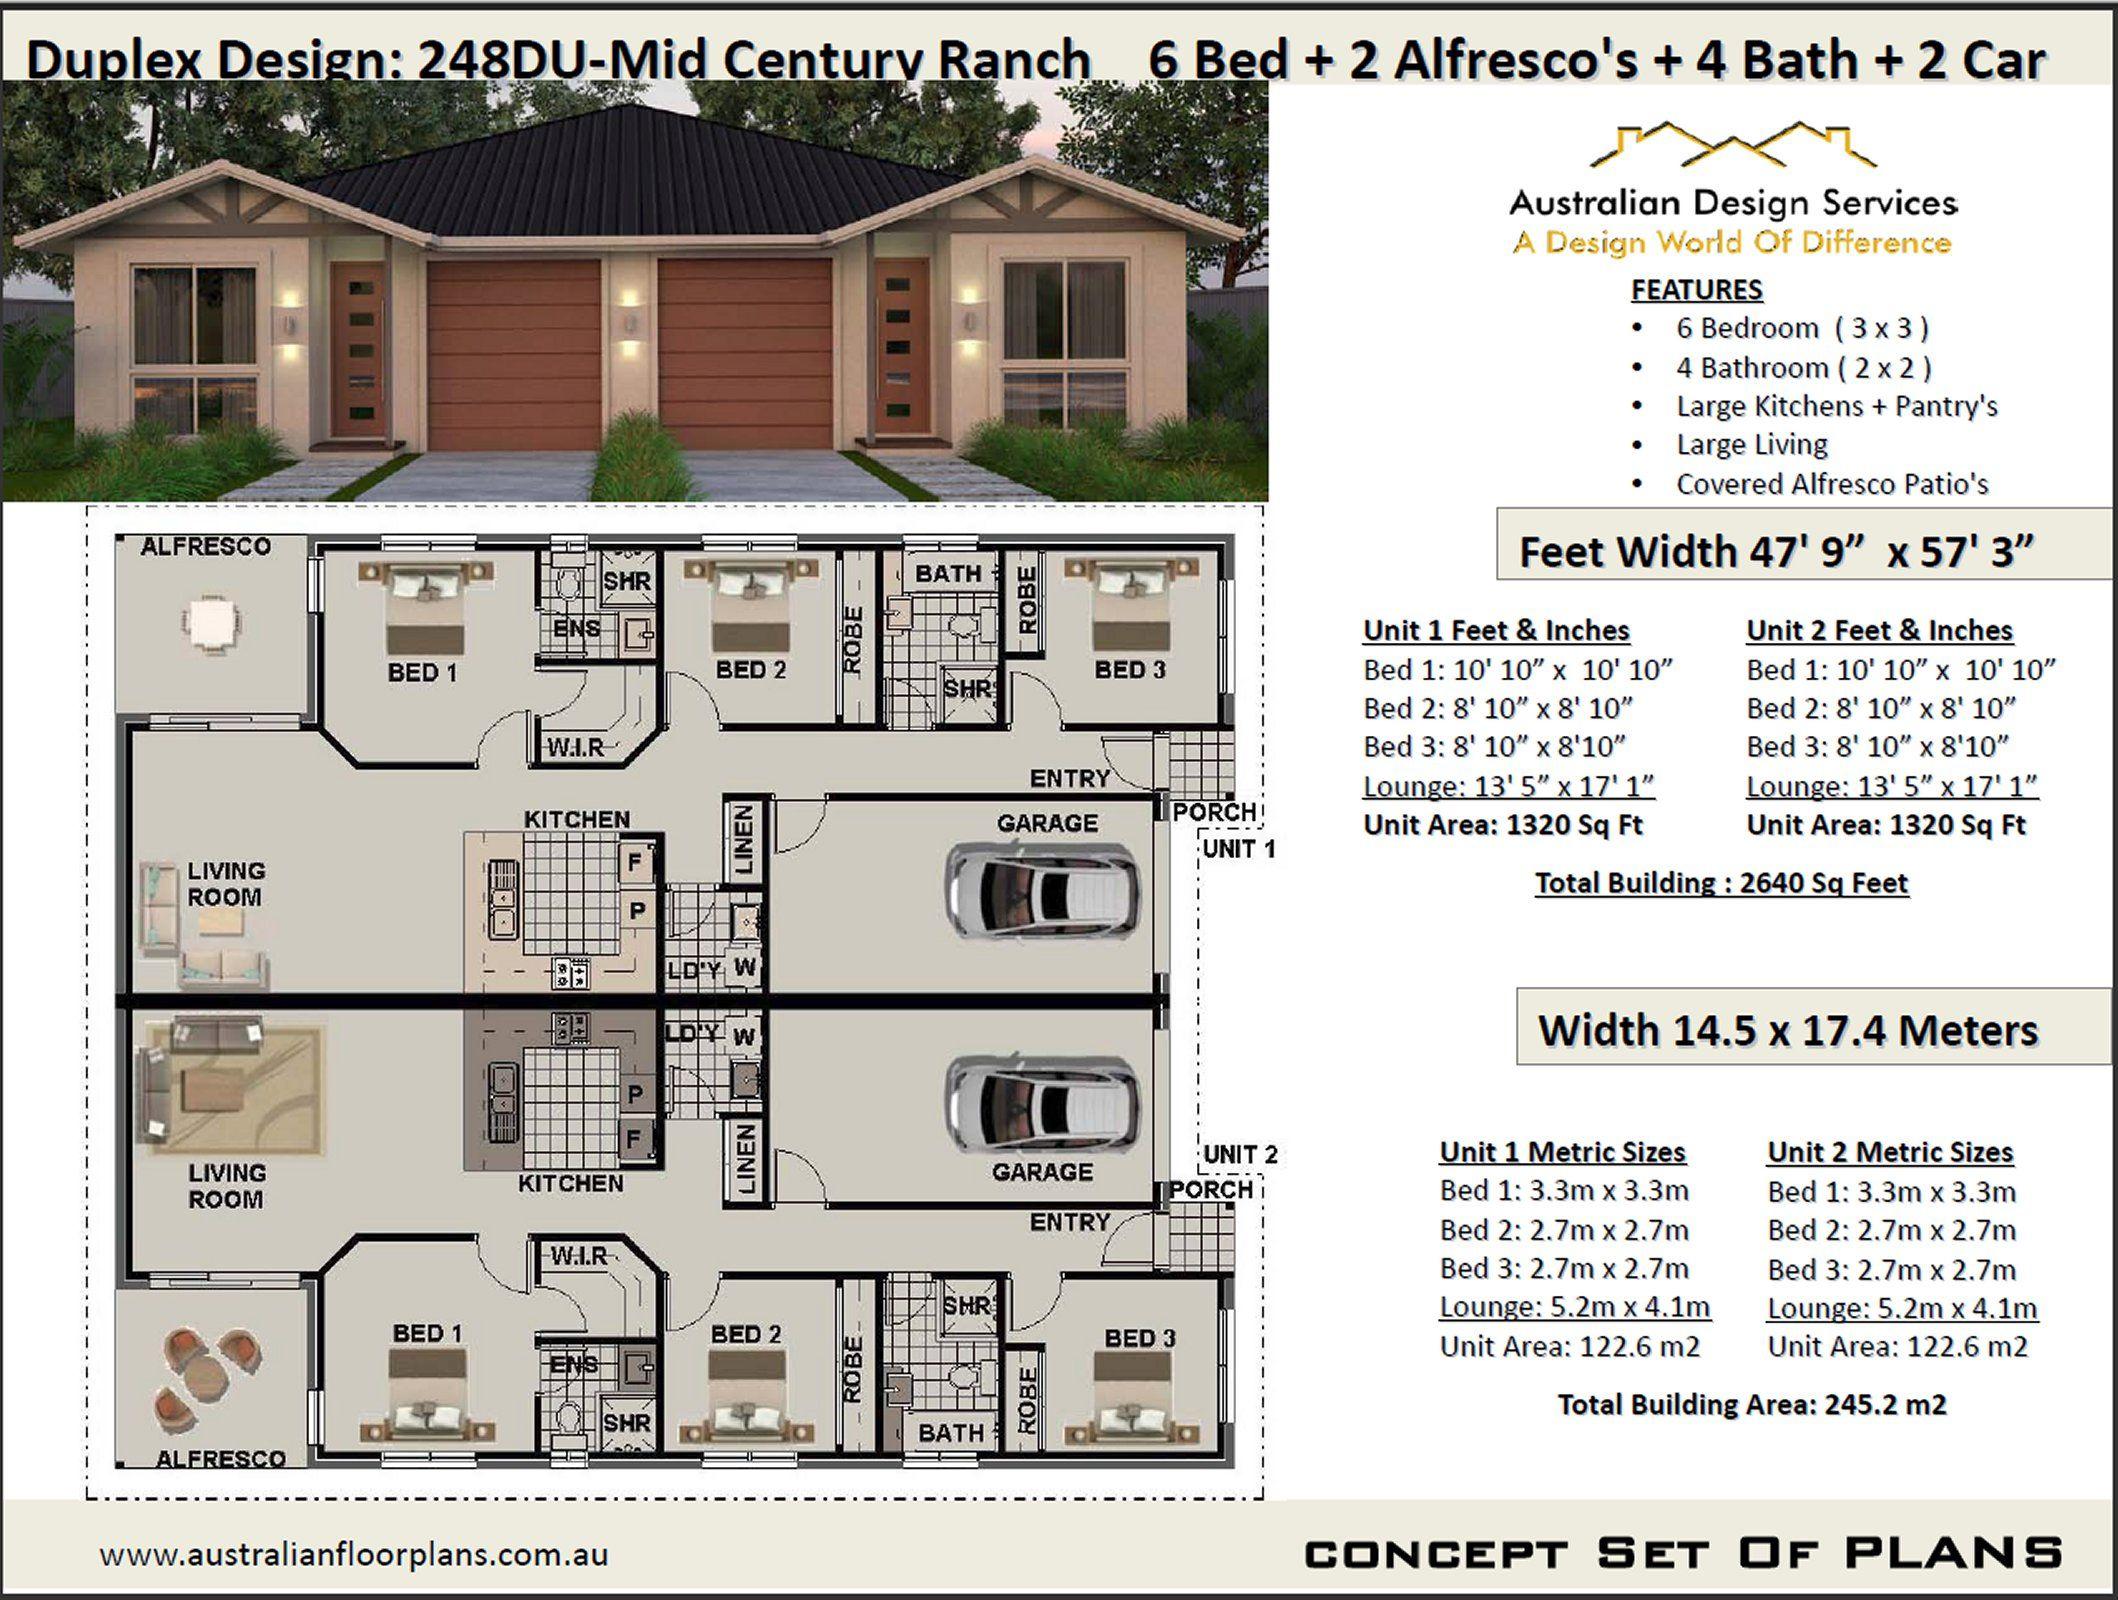 Mid Century Duplex Design 6 Bed 4 Bath 2 Cars Duplex House Plans 248duranch Duplex Design Duplex Plans Duplex House Plans